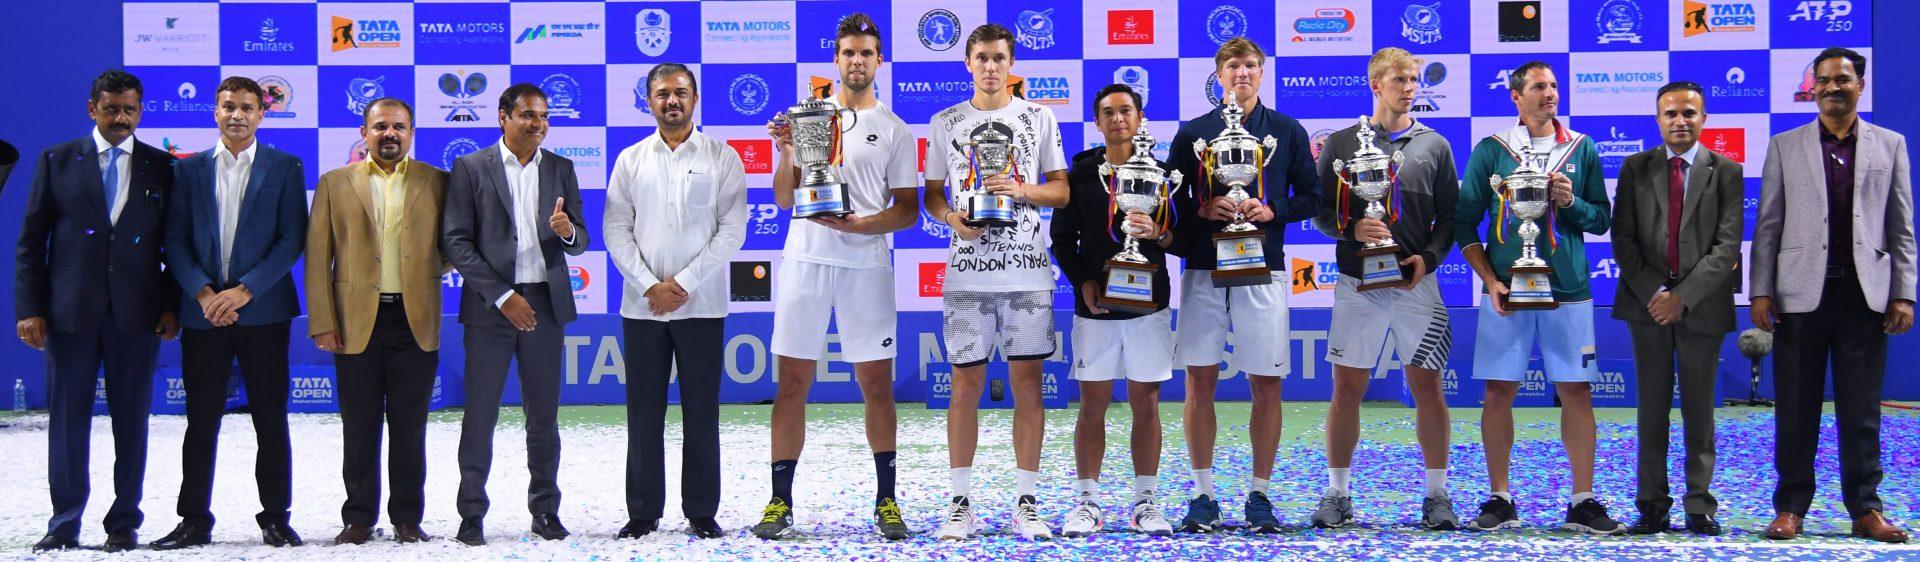 तिसऱ्या टाटा ओपन महाराष्ट्र टेनिस स्पर्धेत जिरी वेस्लीचे मानांकीत खेळाडूवर विजयासह विजेतेपद